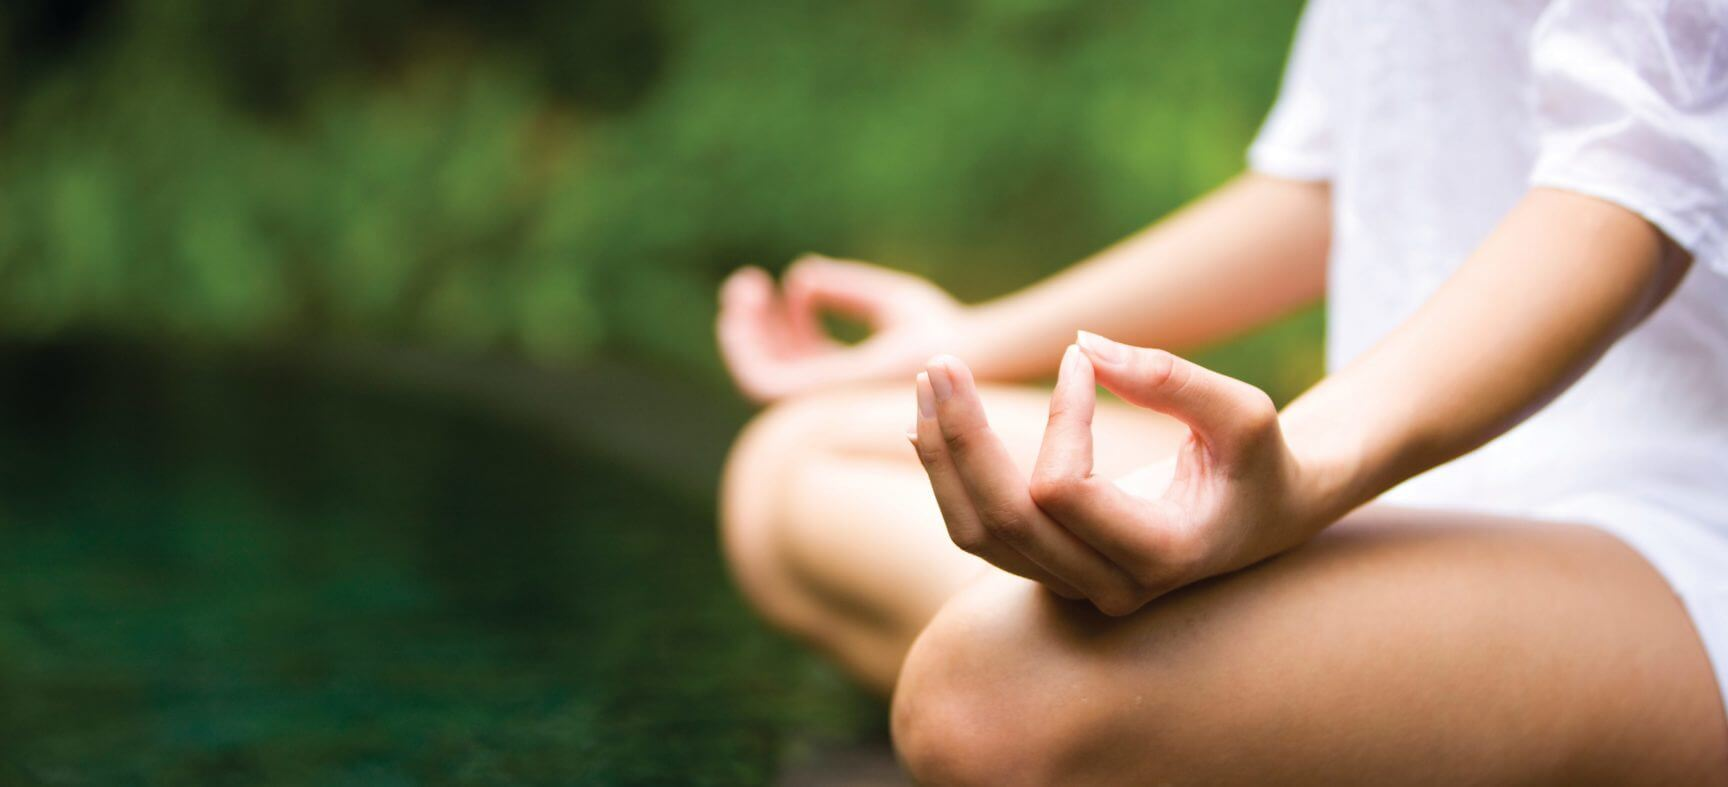 Сокращаем табачную зависимость путем медитации